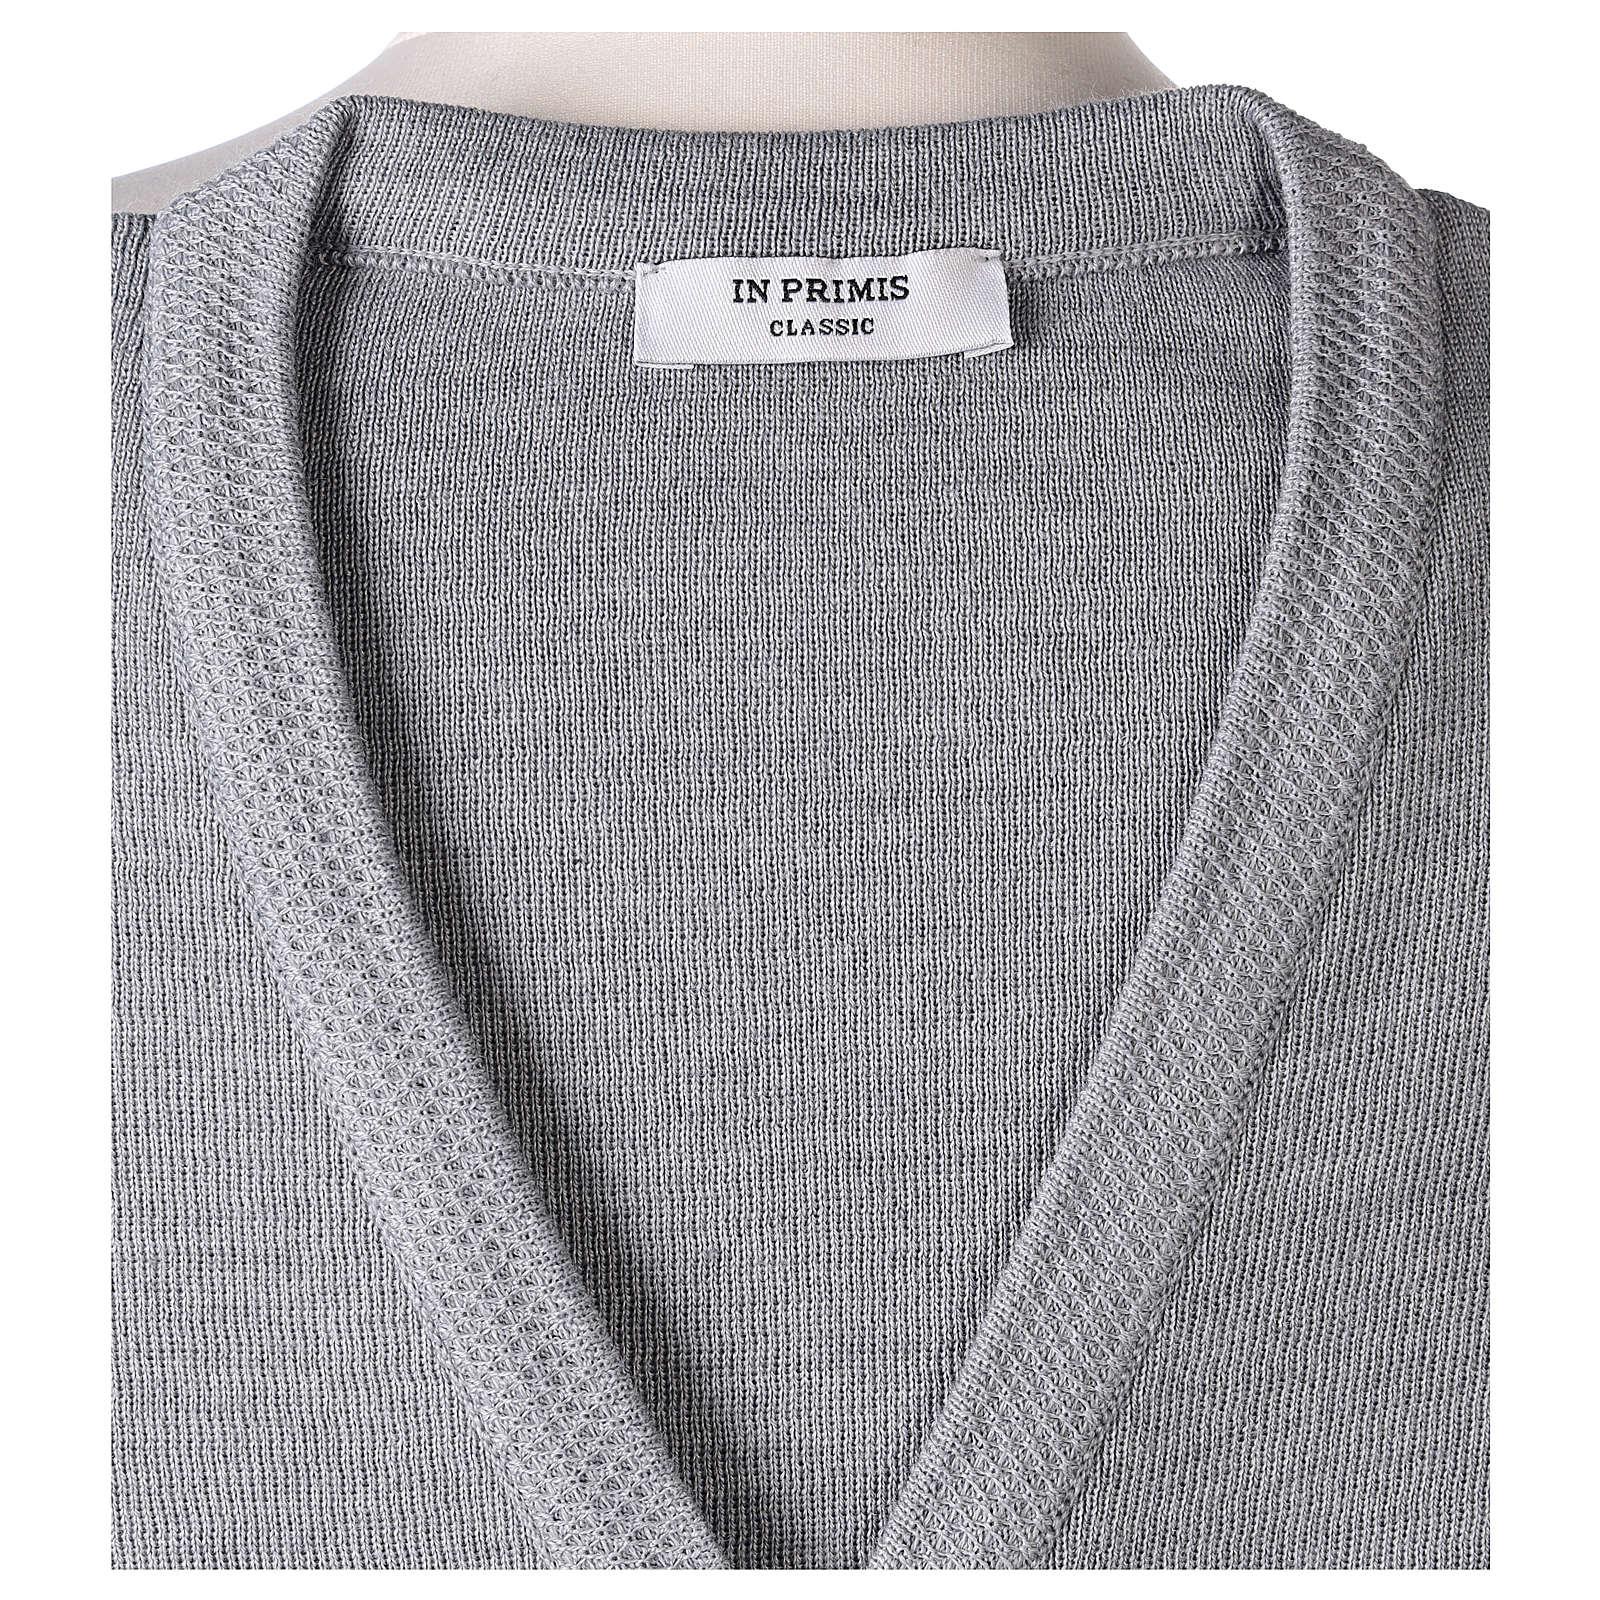 Cardigan suora grigio perla collo V tasche maglia unita 50% acrilico 50%  merino  In Primis 4